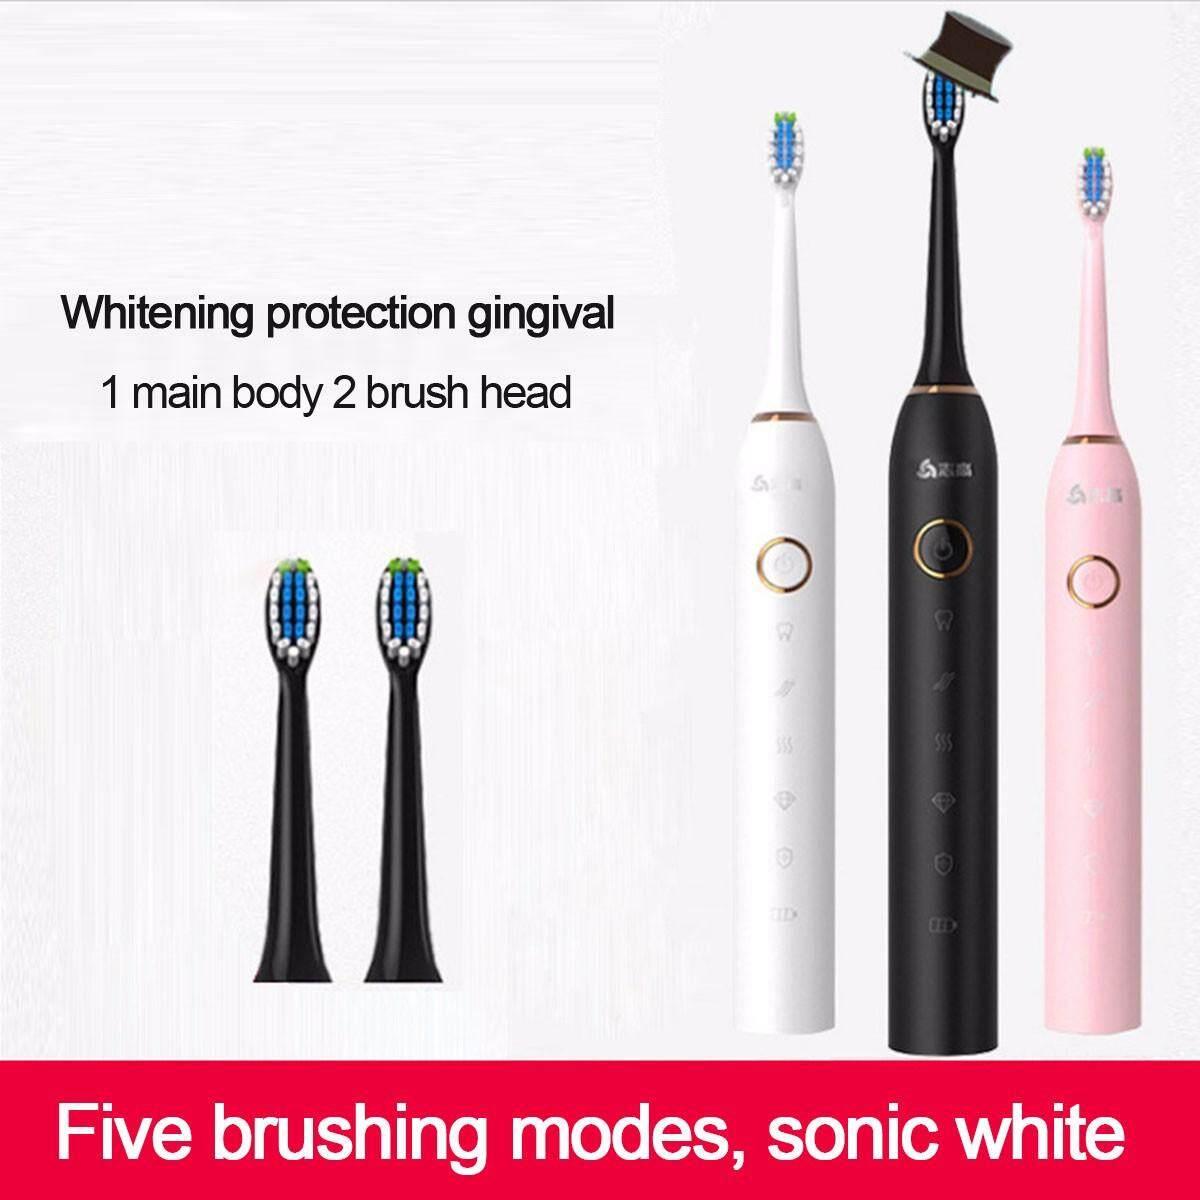 ตาก USB เกี่ยวกับระบบเสียงที่สามารถชาร์จไฟได้แปรงสีฟันไฟฟ้า 2 ชิ้นหัวแปรงถอดเปลี่ยนได้  กันน้ำอัตโนมัติฟันแปรงสีชมพู สีดำ สีขาว